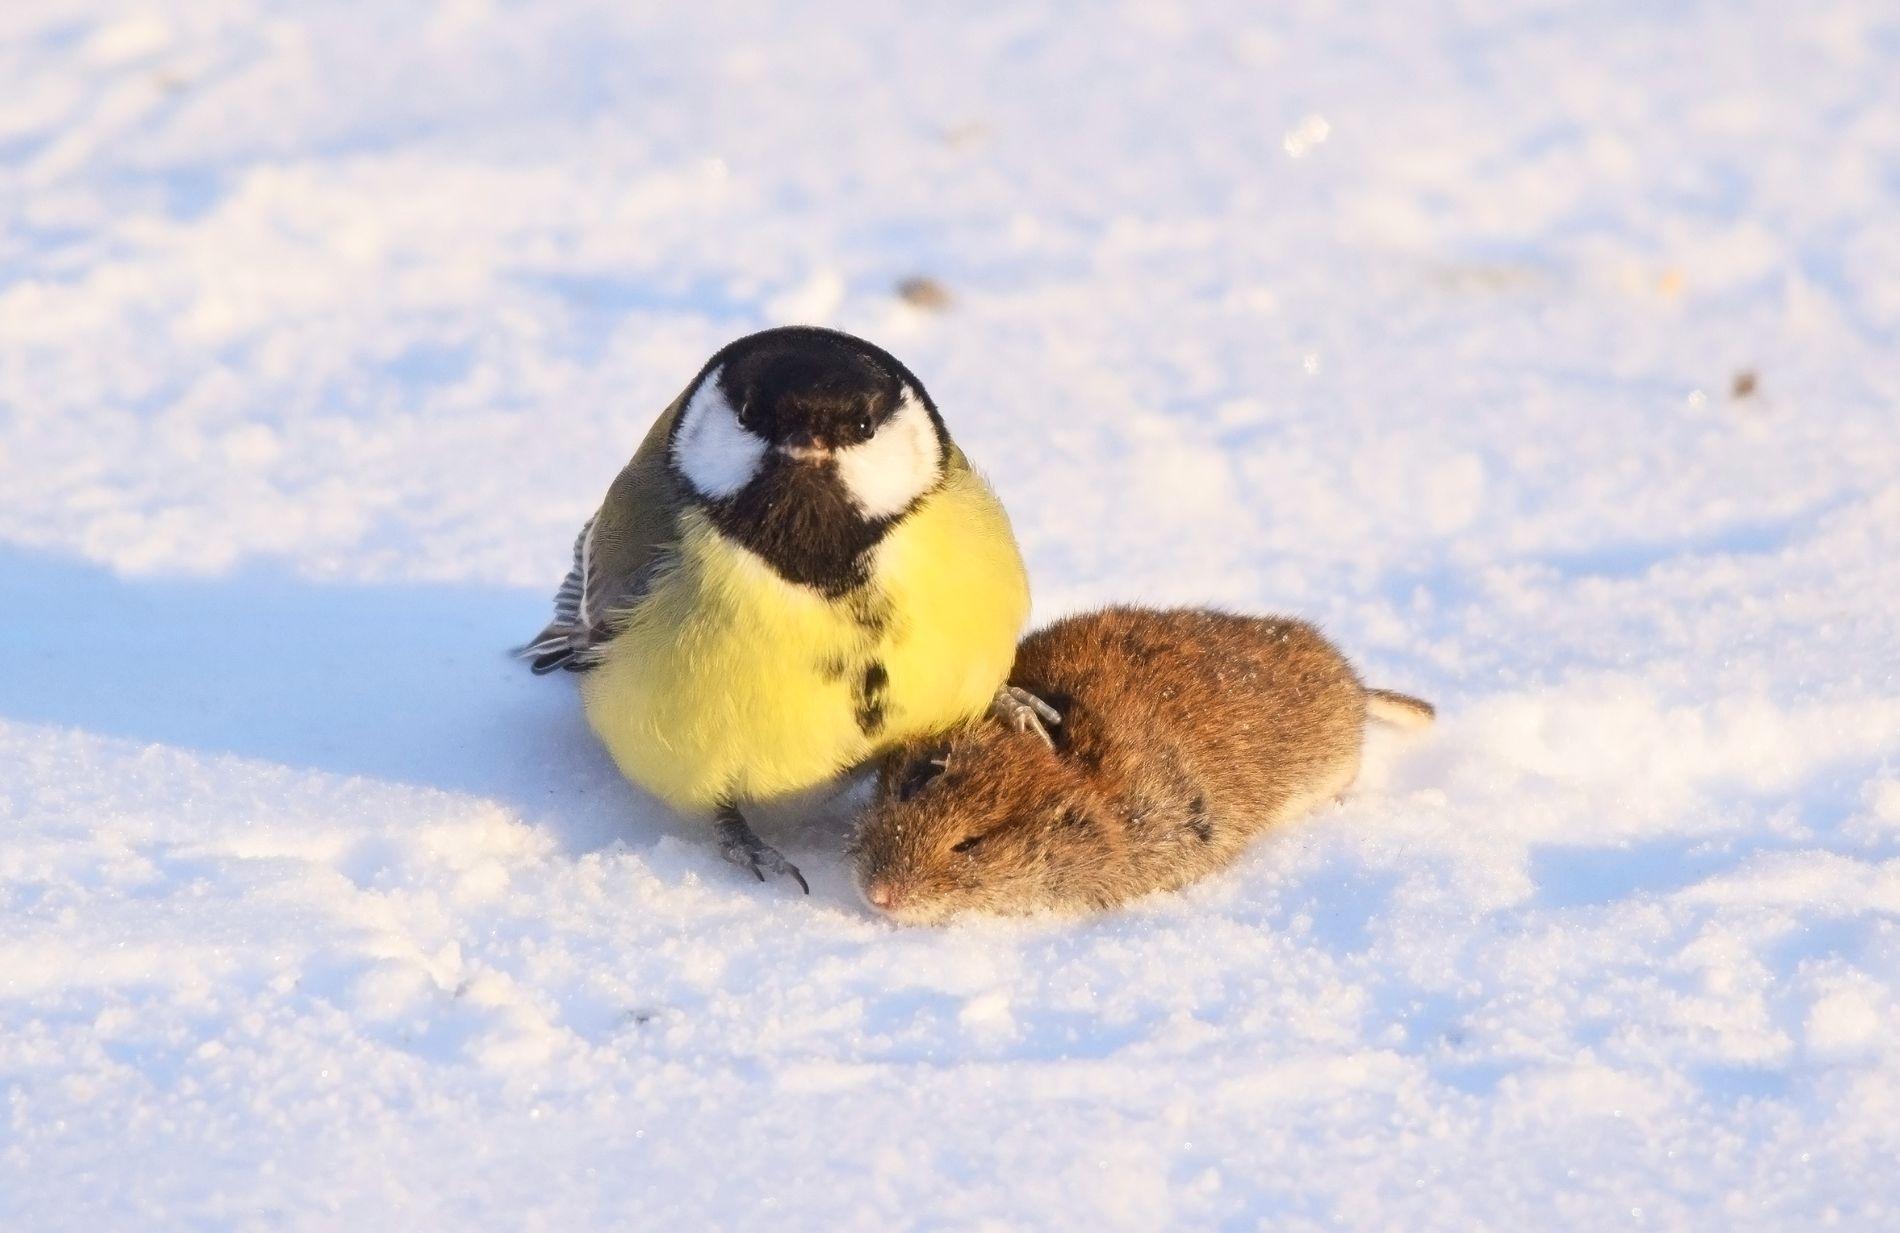 EKTE «ANGRY BIRD»: Musa hadde ingen sjanse mot den hissige kjøttmeisen. Dramaet skjedde under fuglebrettet til fotografen i Finland.